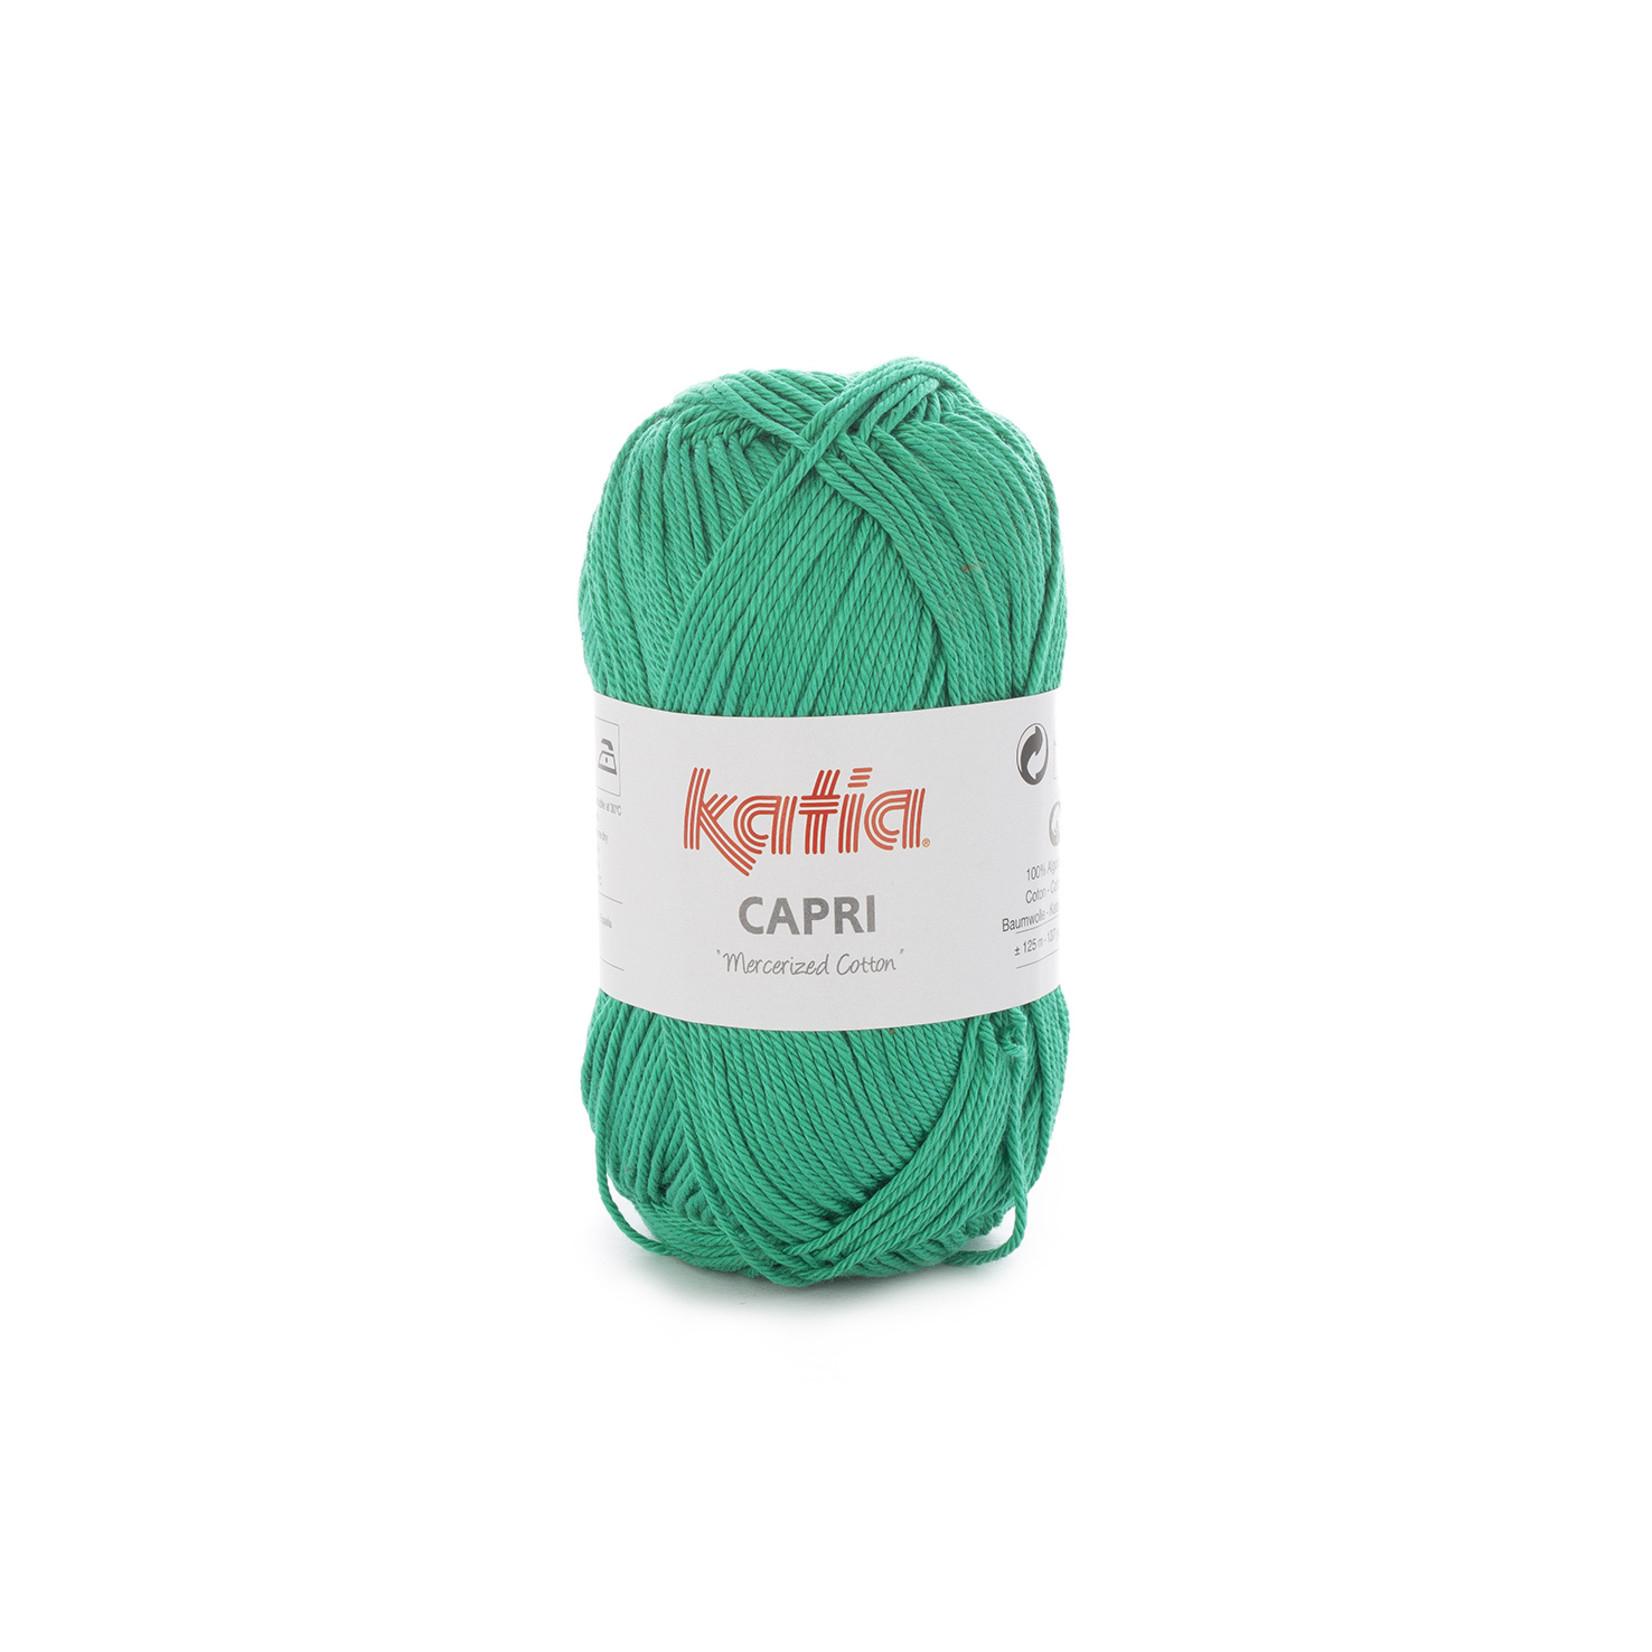 Katia Katia Capri - kleur 130 Groen - 50 gr. = 125 m. - 100% katoen